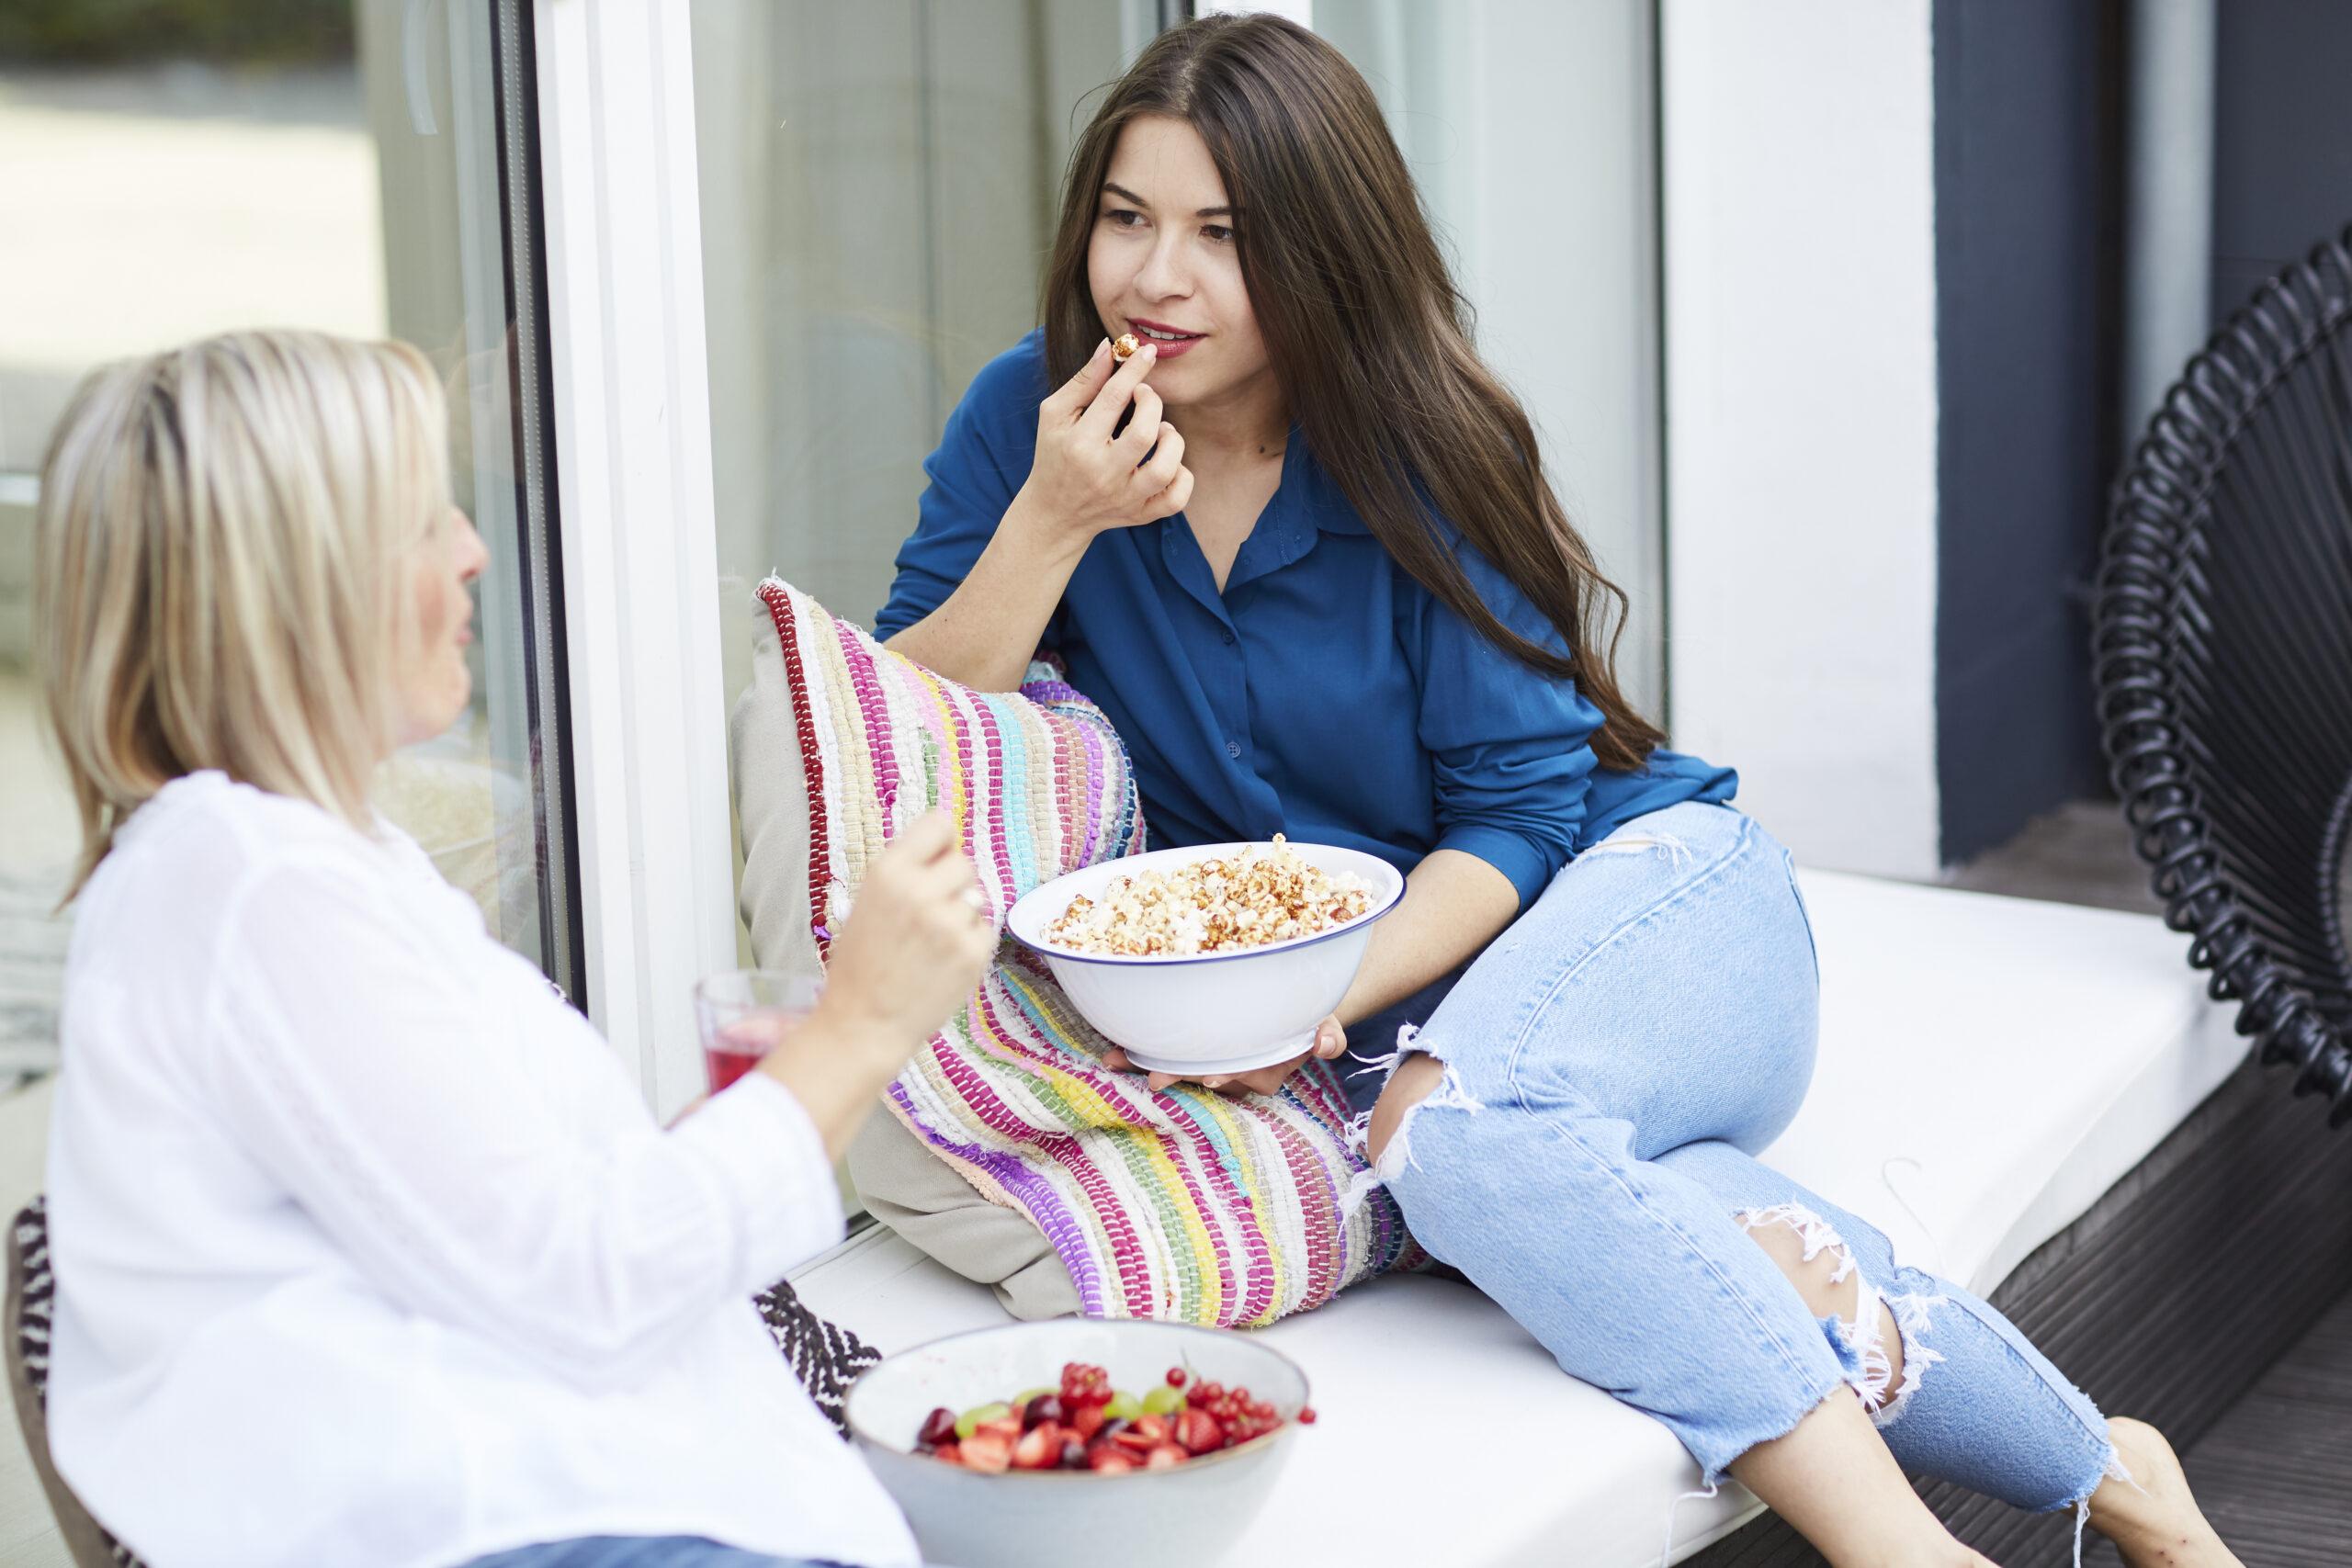 Auswärts Essen bei Freunden während der Abnahme